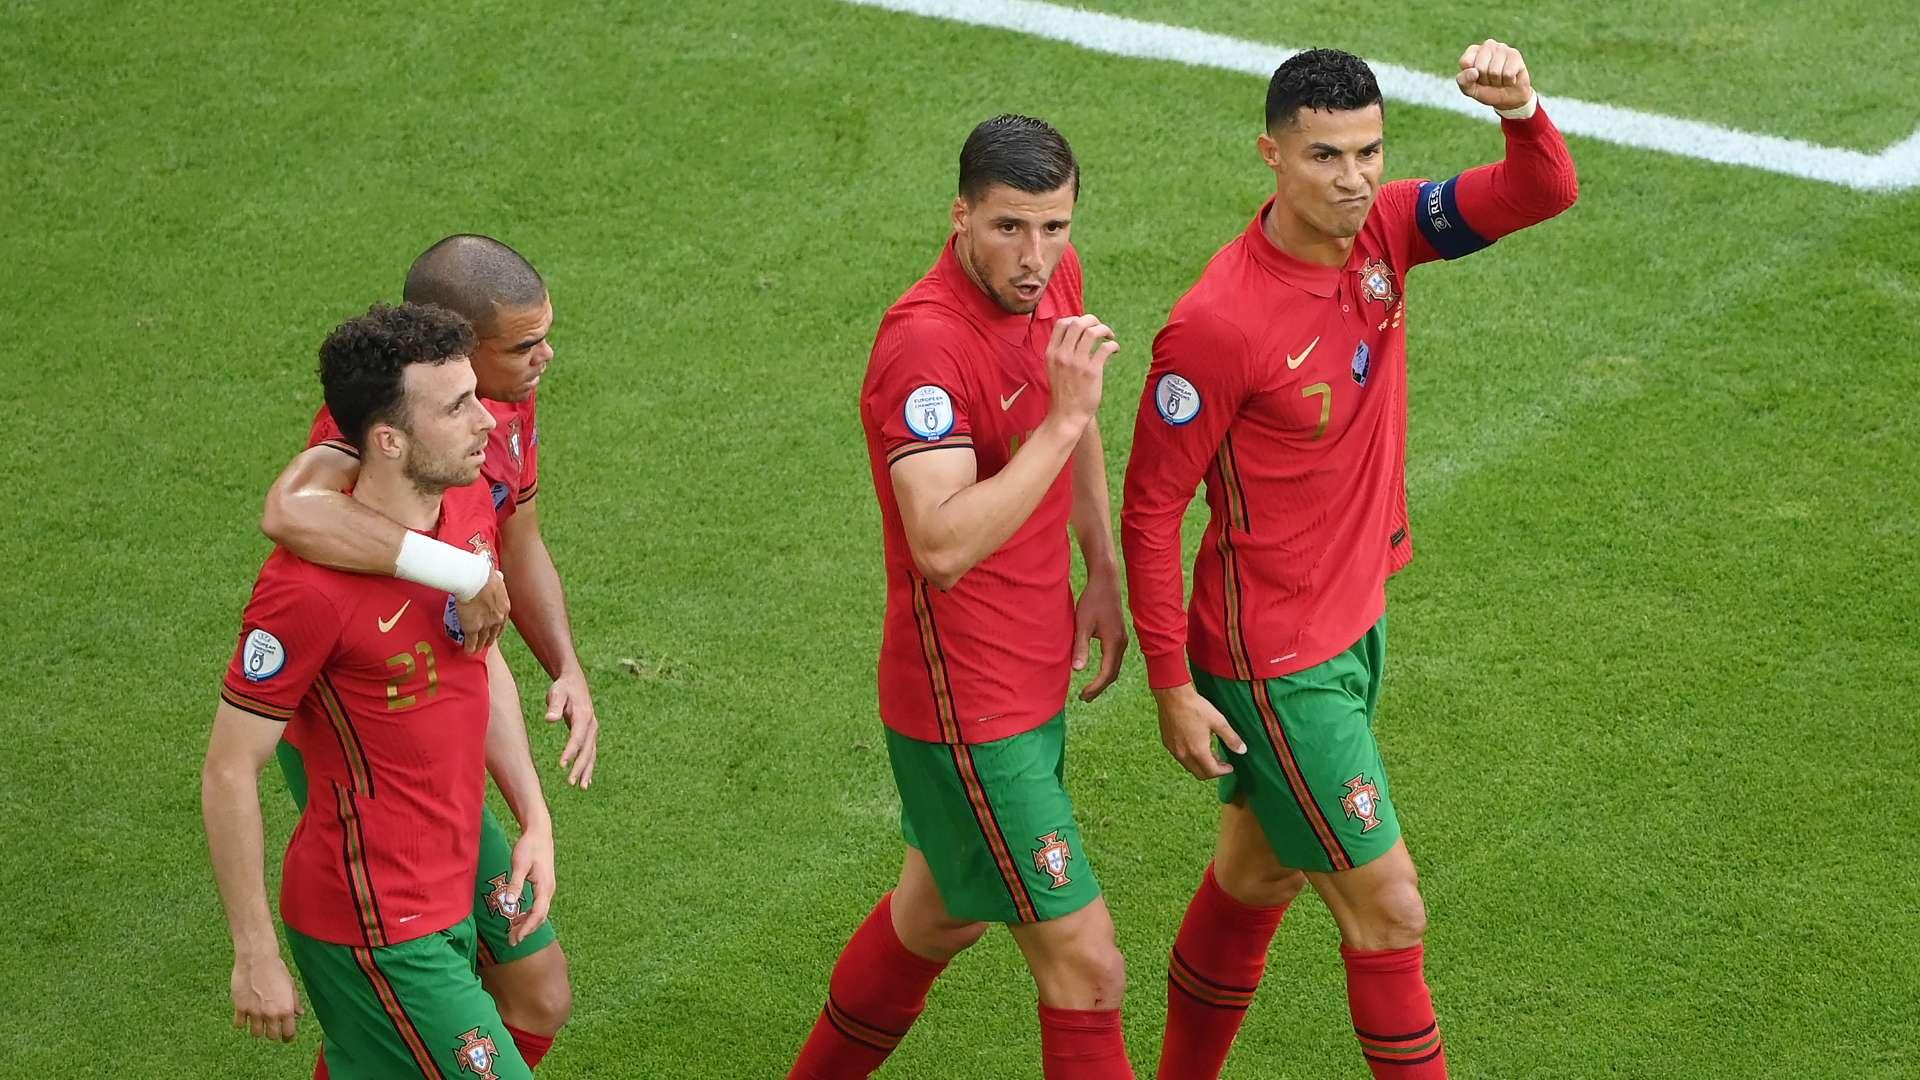 portugal-celebrate-cristiano-ronaldo-goal-vs-germany-euro-2020_1foizc18odfdsdf5msv1ubpjc0gkzr5c.jpg